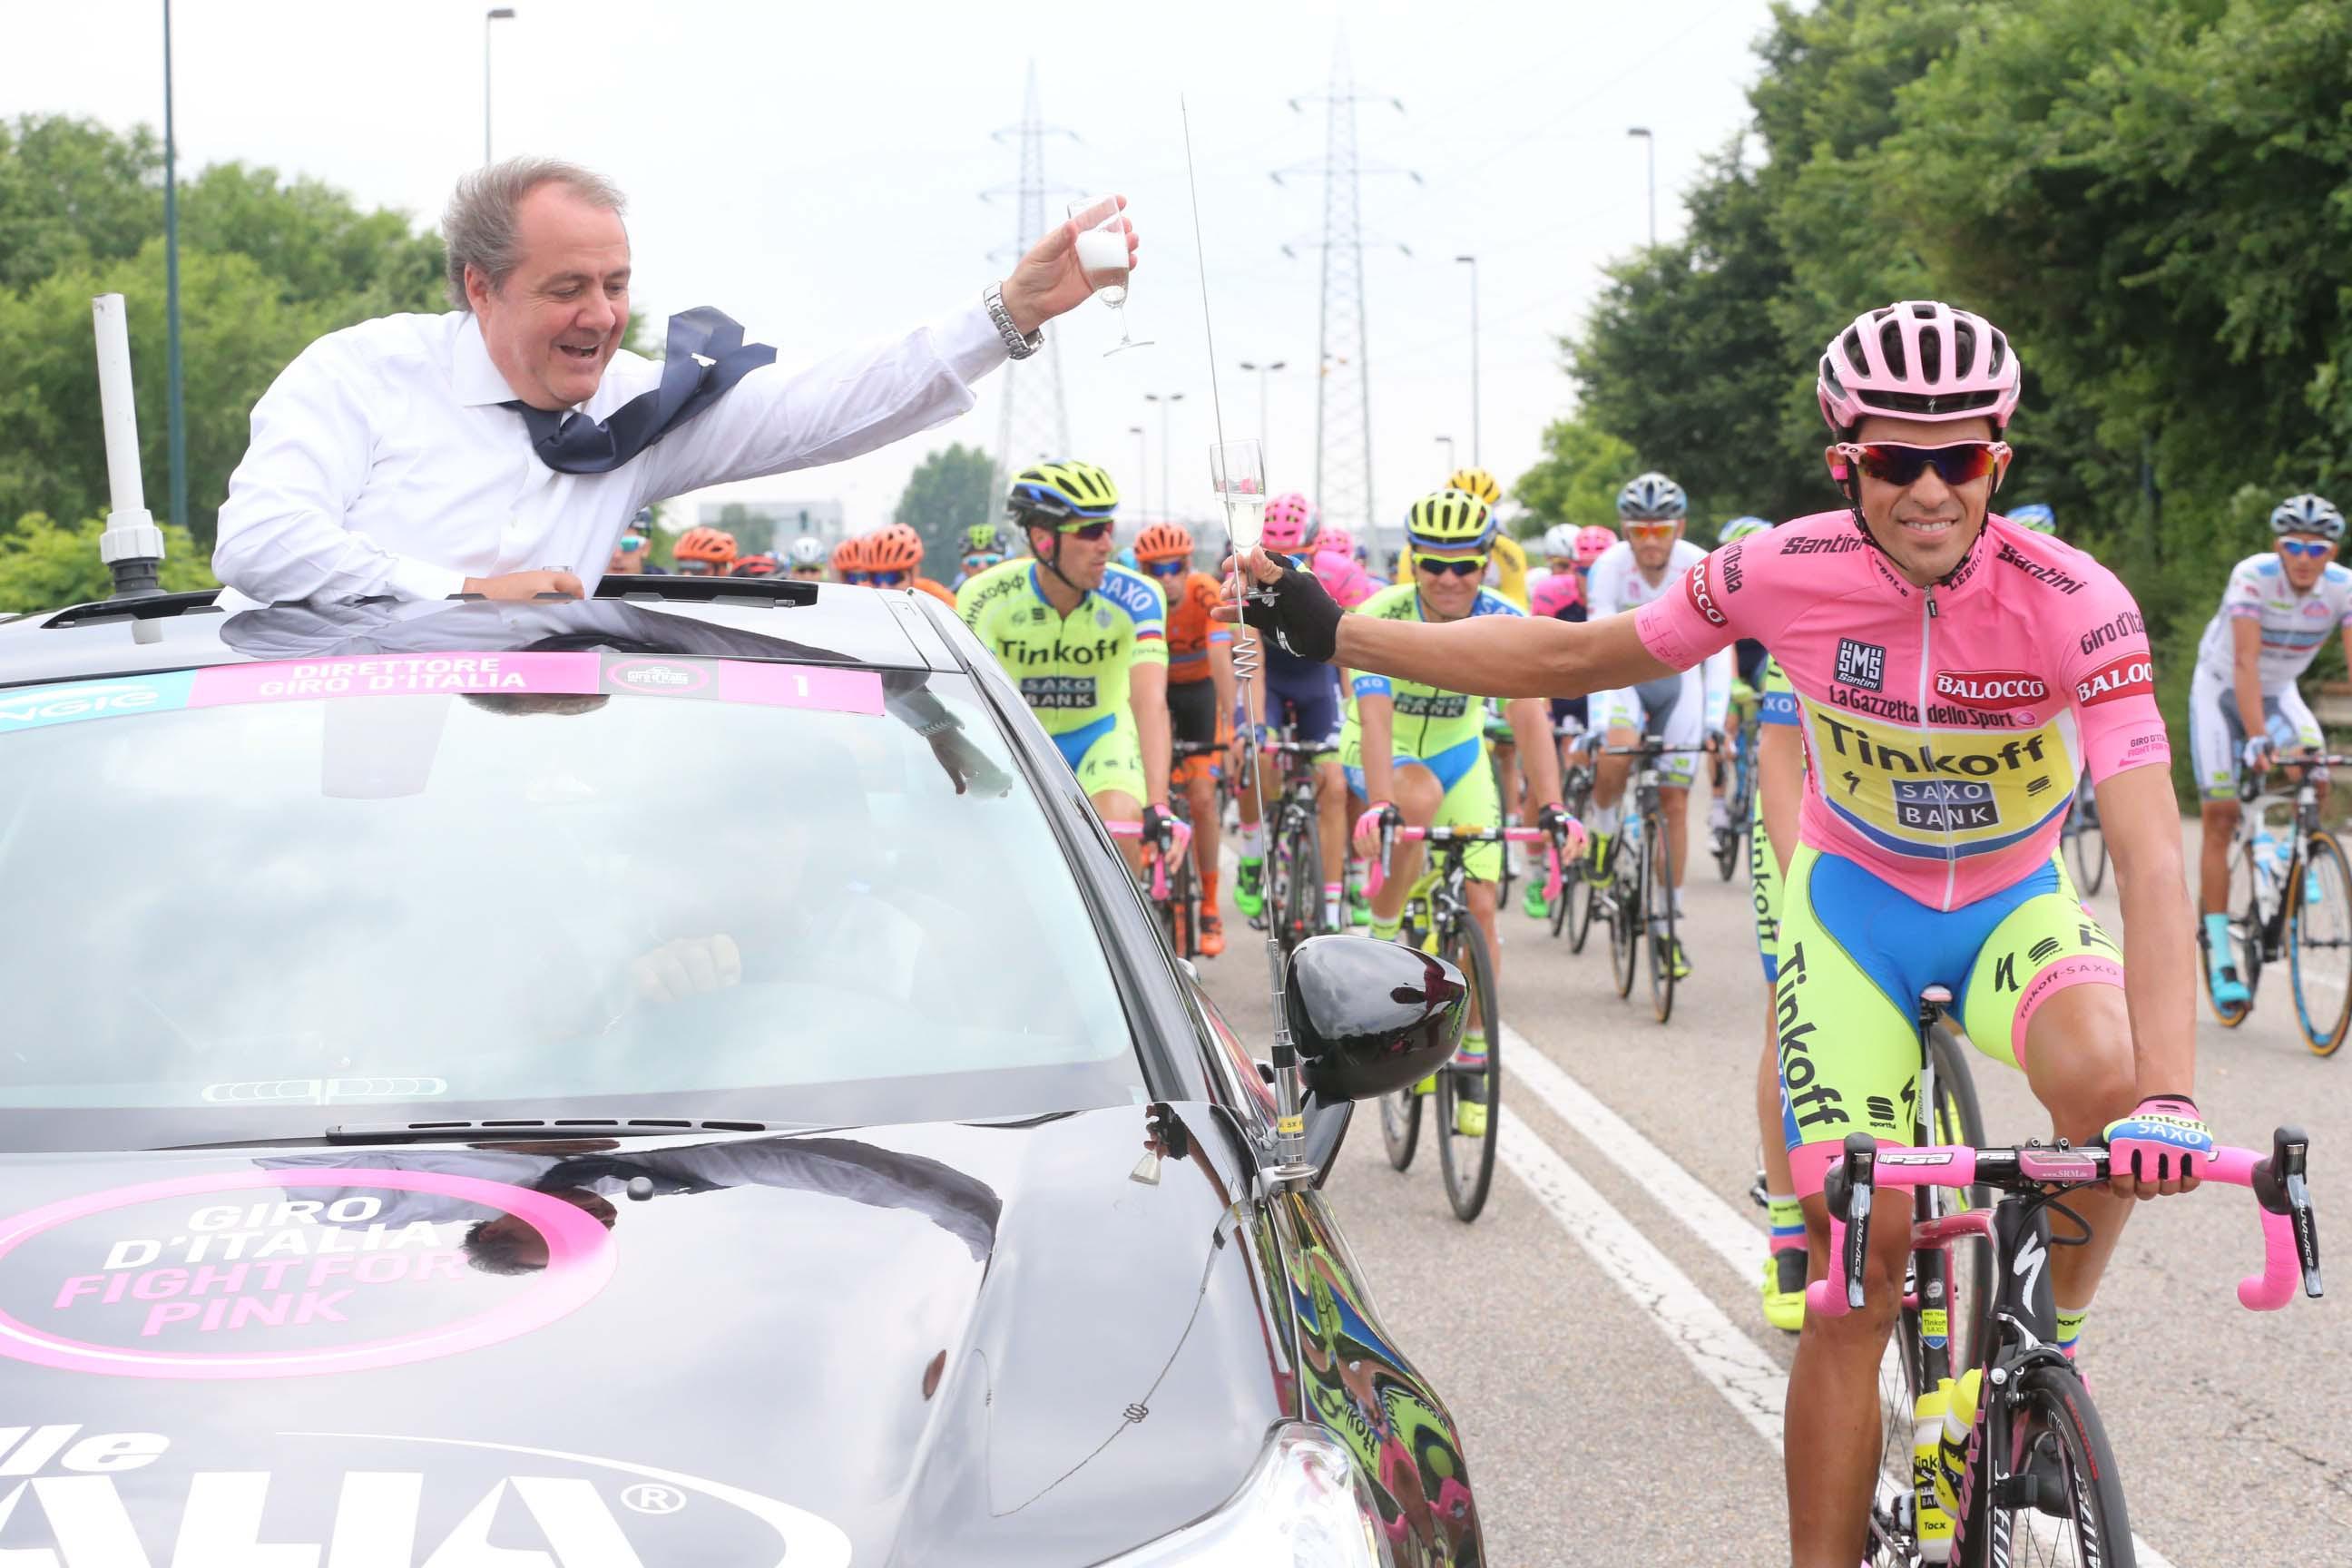 178km da Torino a Milano per l'ultima tappa di questa edizione